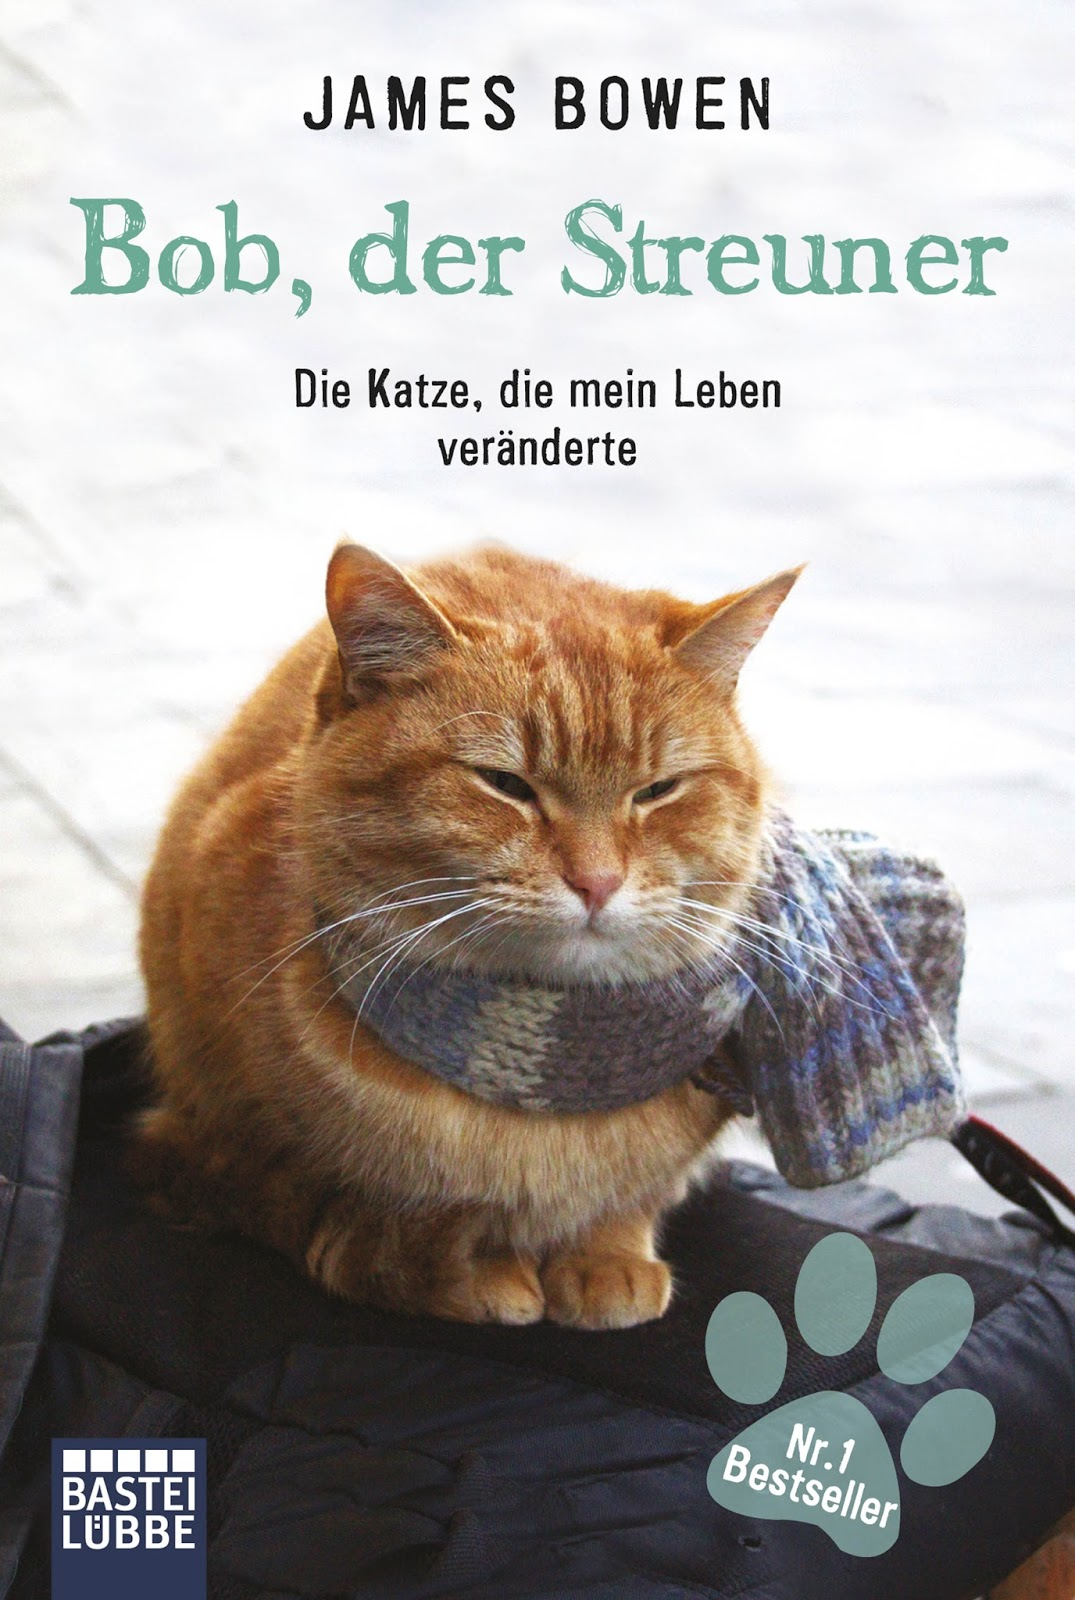 Street Cat Named Bob Dvd Cover